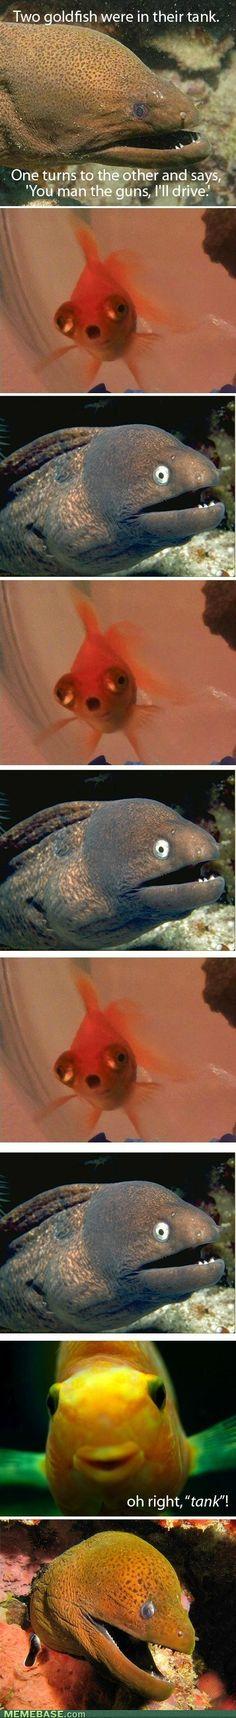 Bad Joke Eel featuring Slow Joke Fish